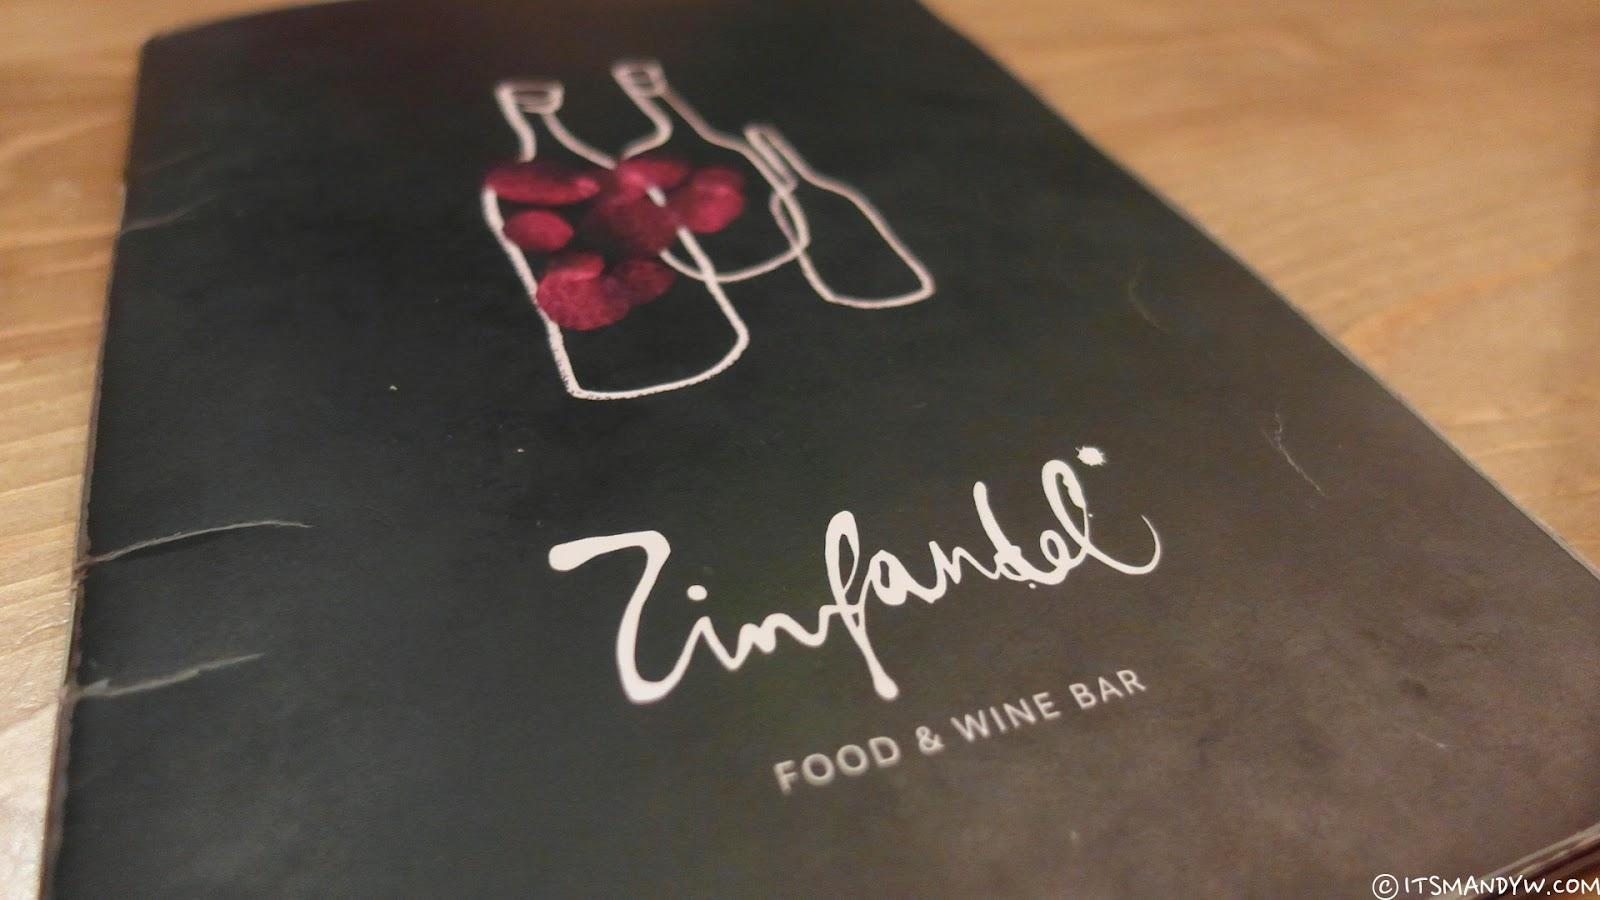 【克羅地亞】 酒香不怕巷子深 - Zinfandel Food & Wine Bar